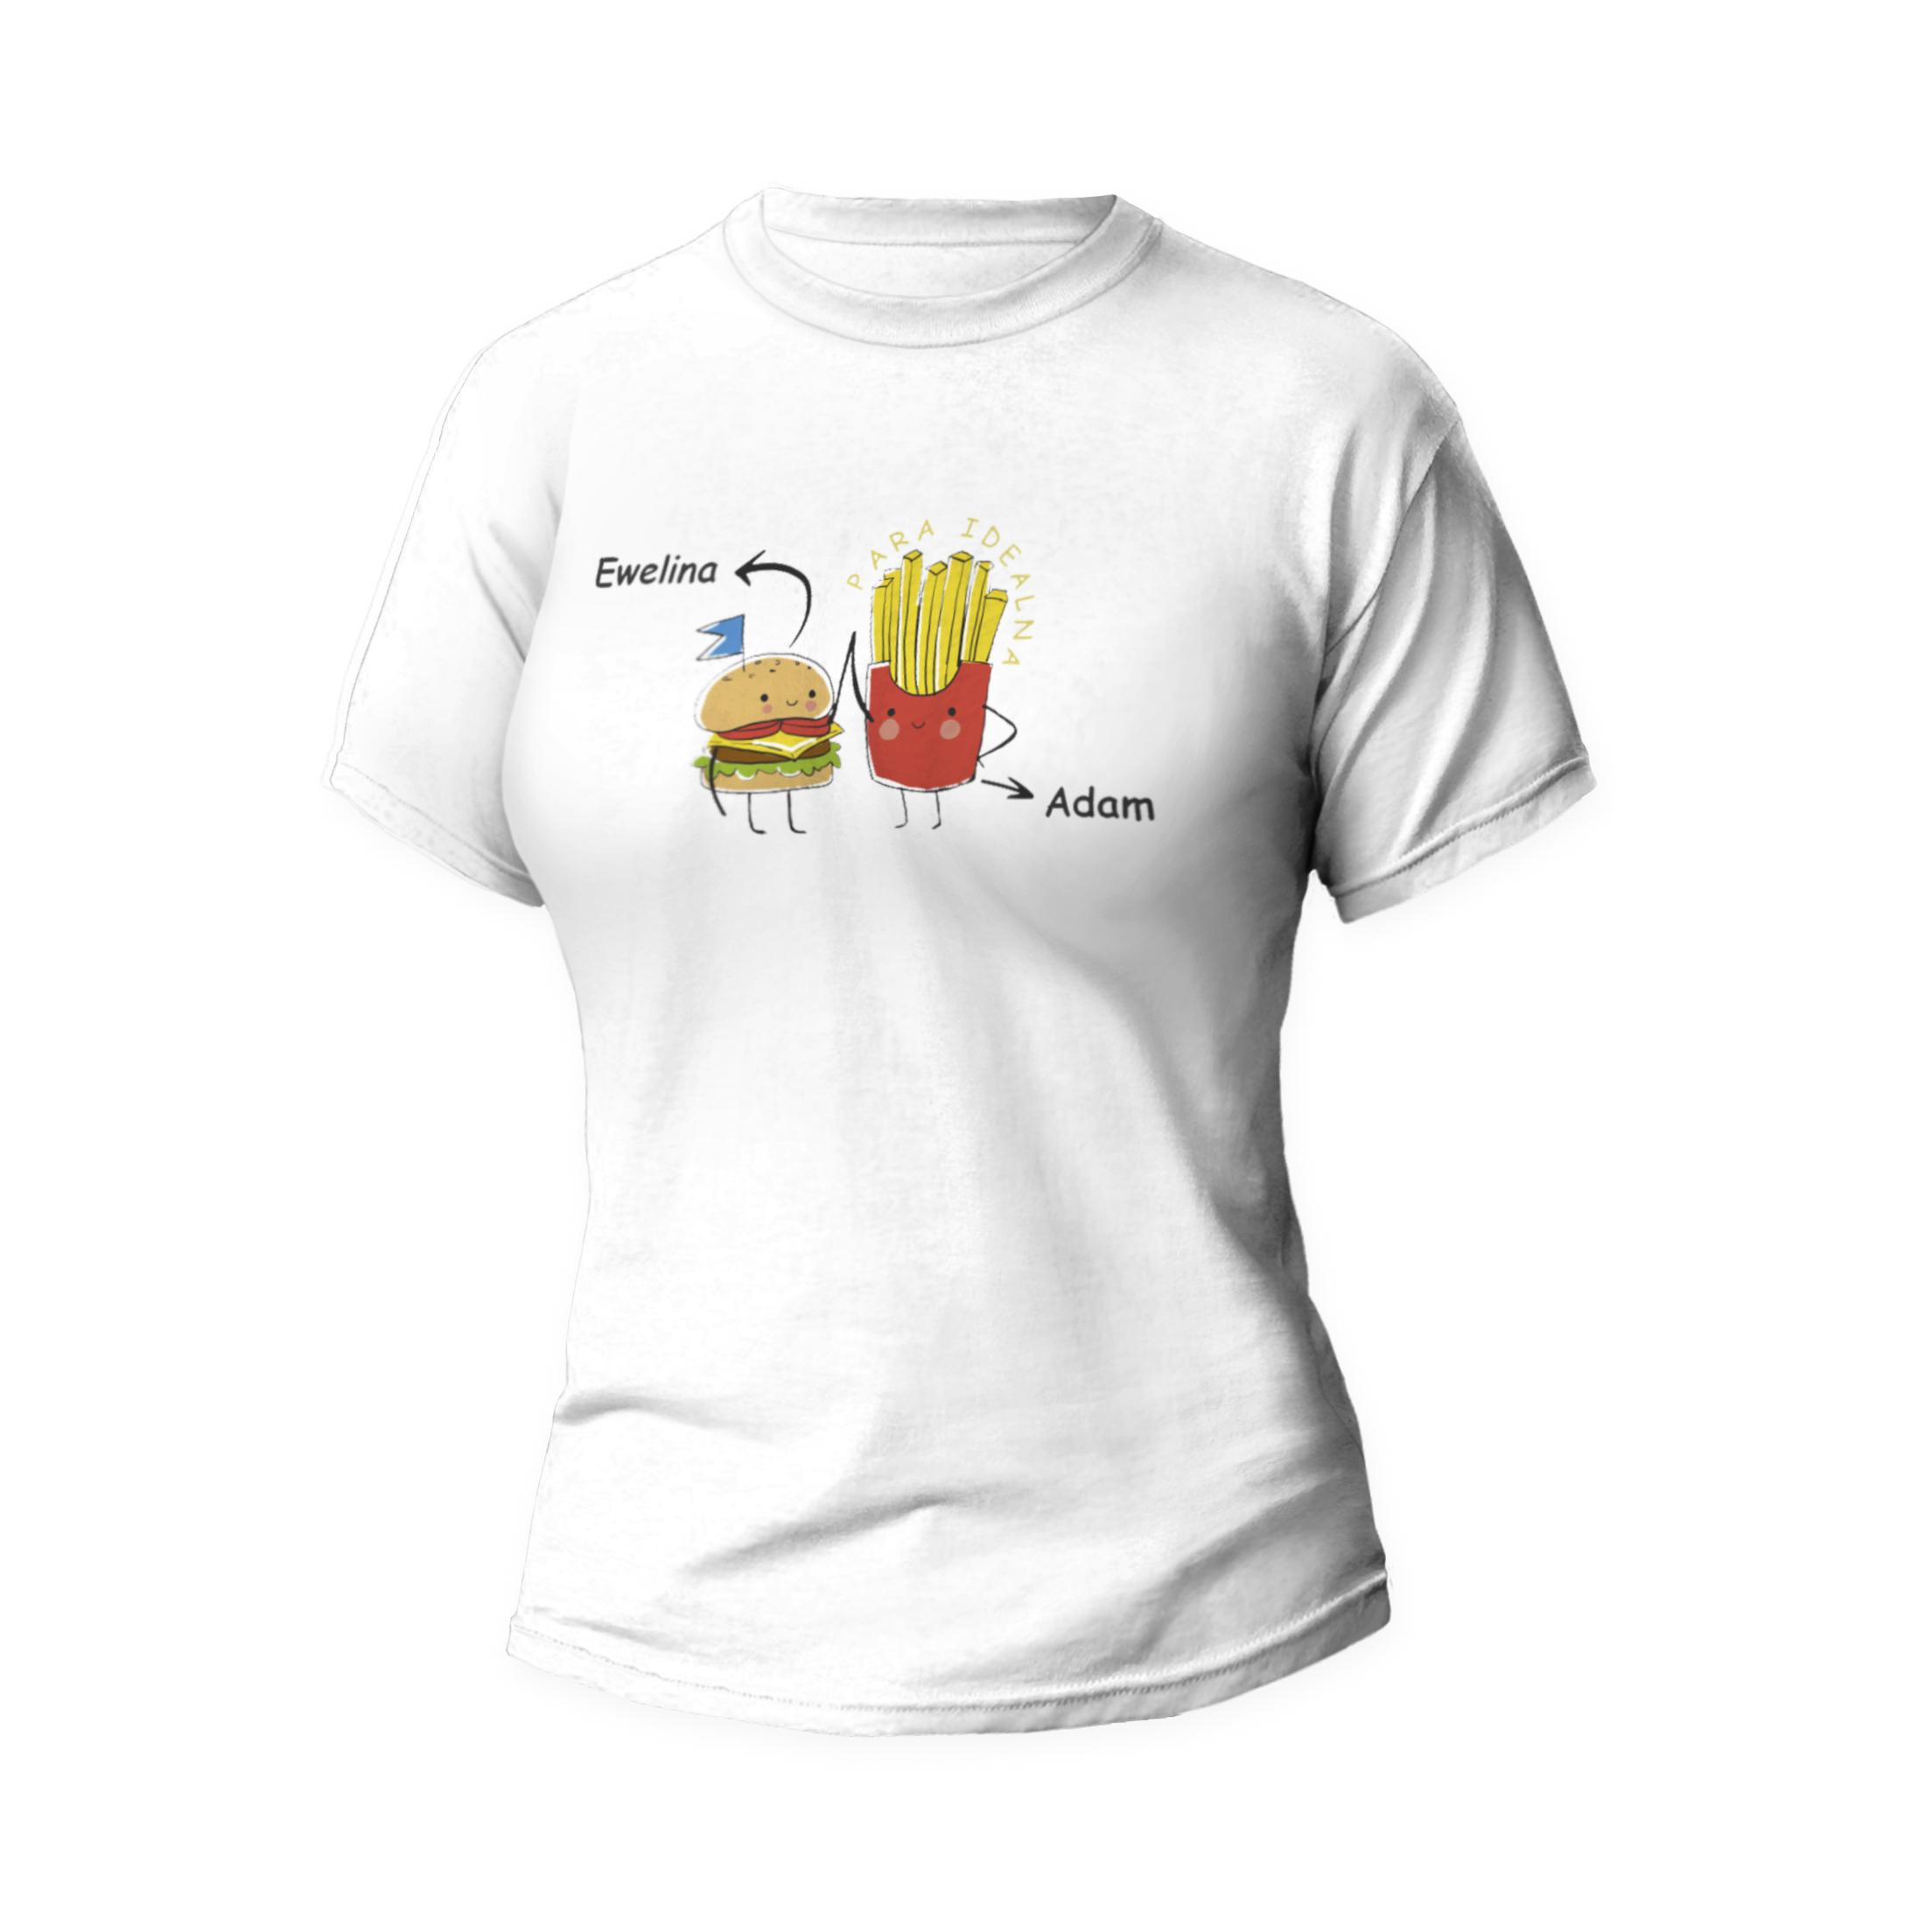 Rozmiar S - koszulka damska dla dziewczyny para idealna